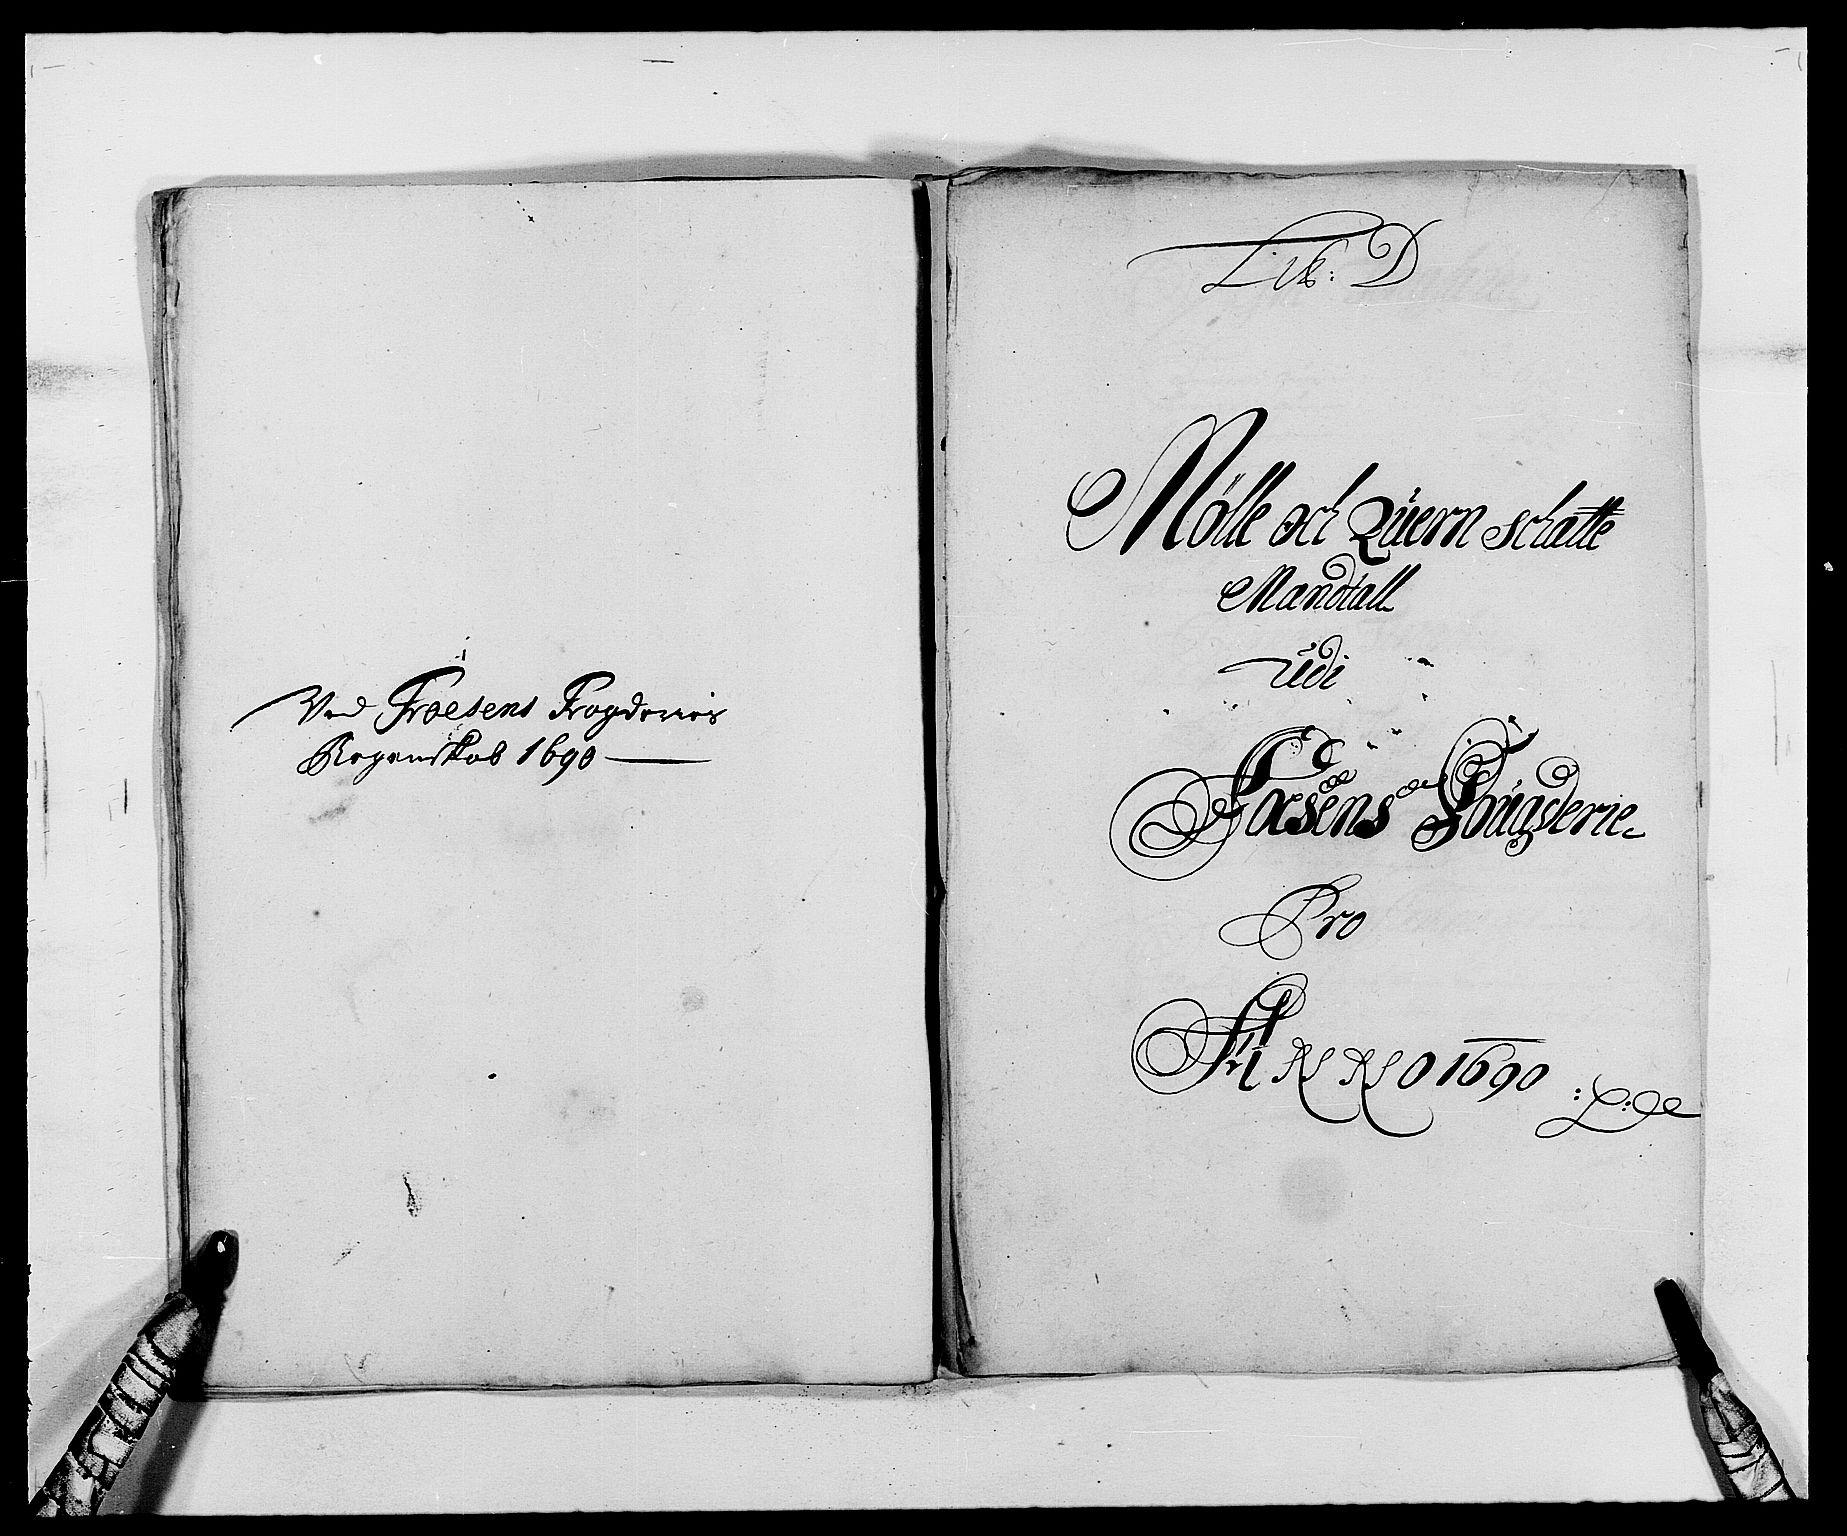 RA, Rentekammeret inntil 1814, Reviderte regnskaper, Fogderegnskap, R57/L3848: Fogderegnskap Fosen, 1690-1691, s. 78